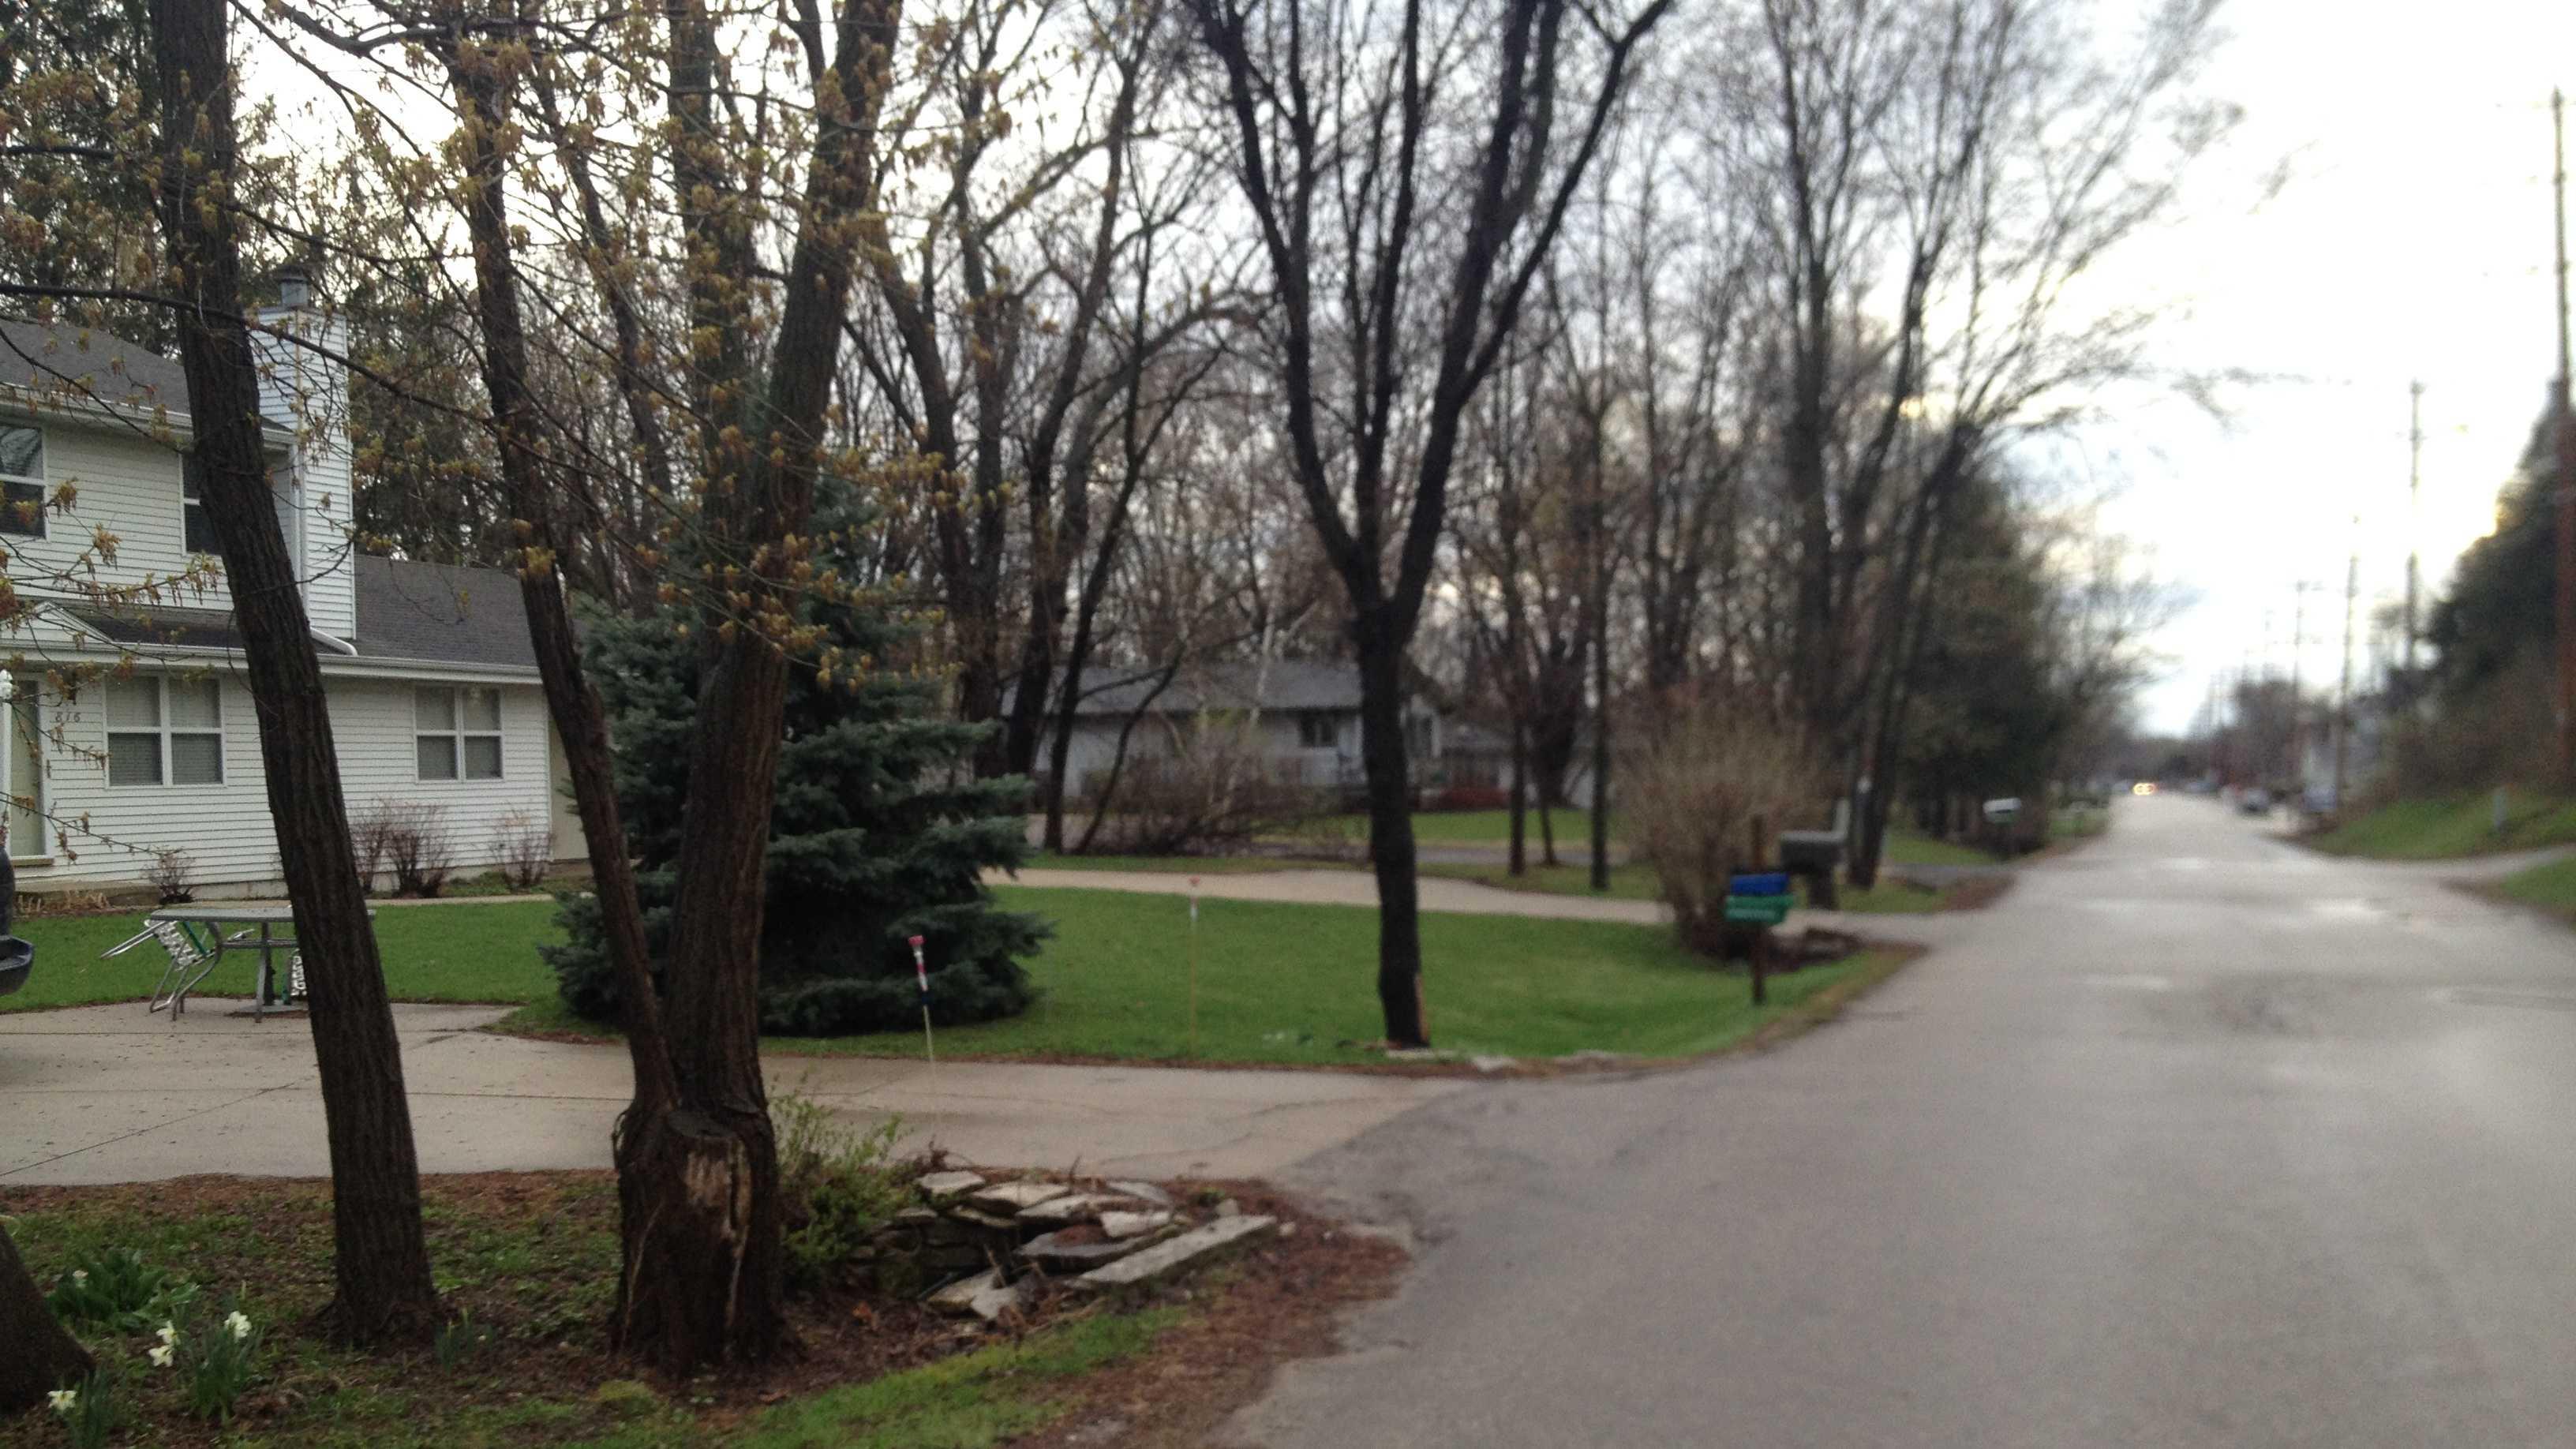 Delafield neighborhood